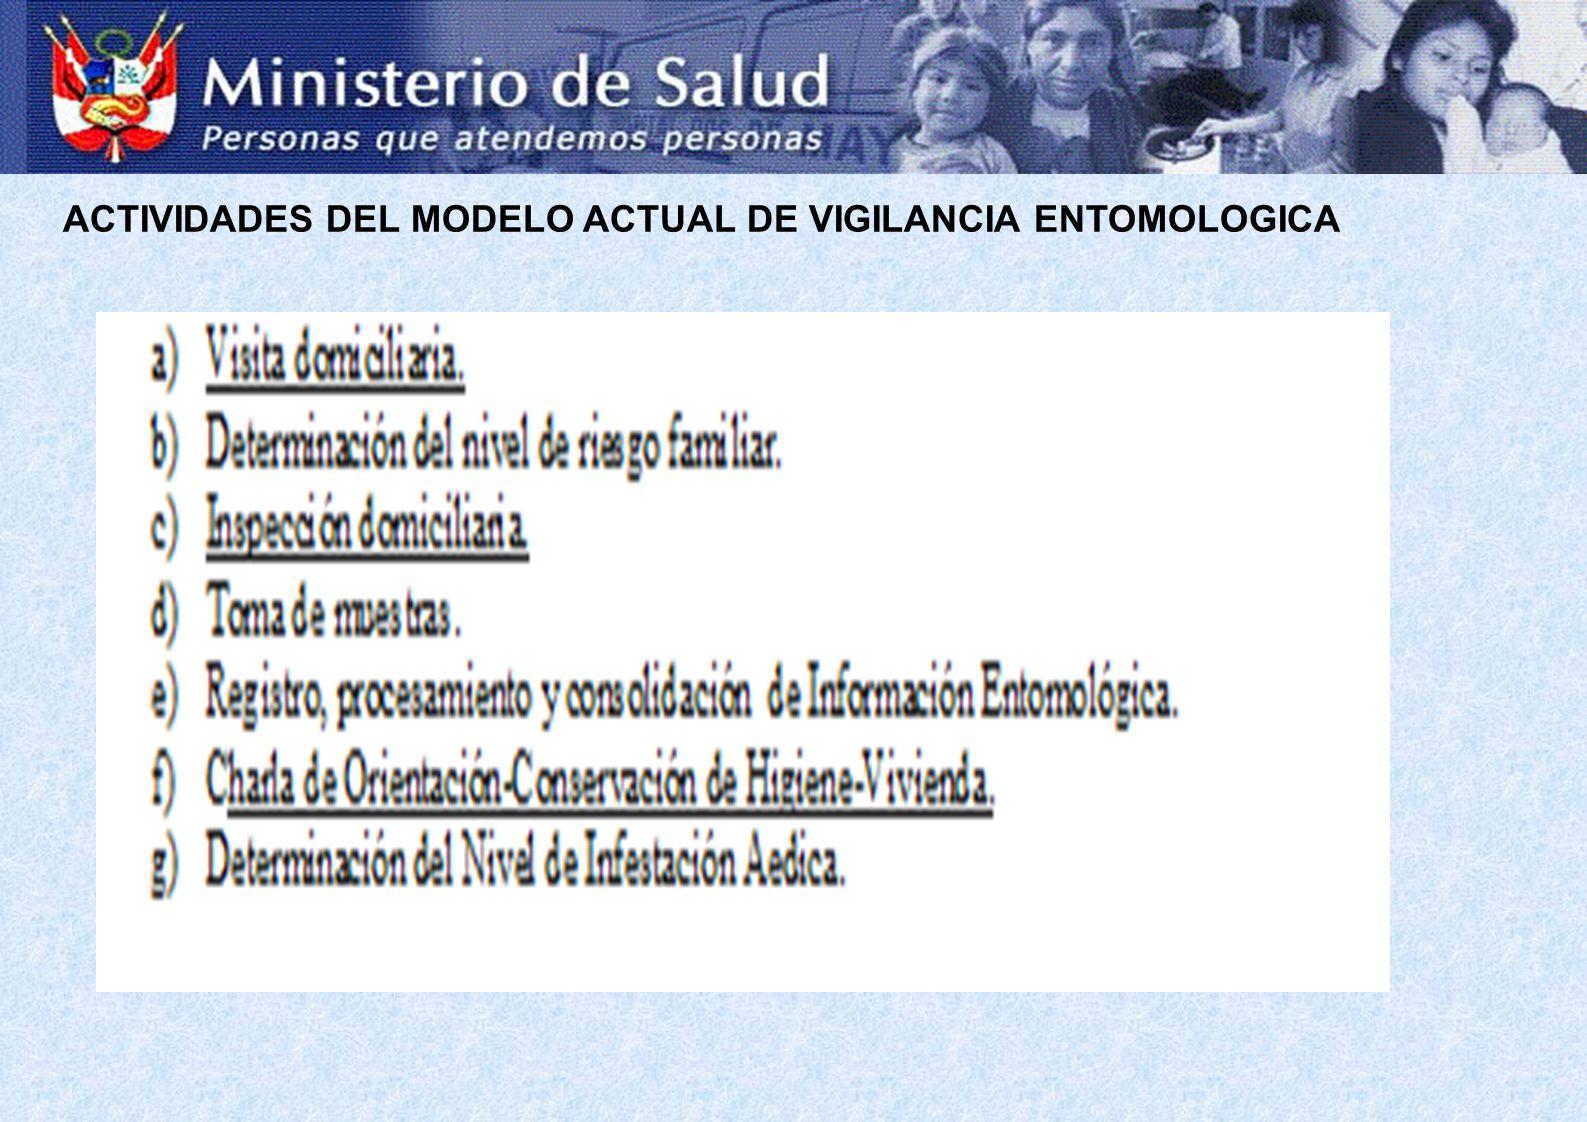 ACTIVIDADES DEL MODELO ACTUAL DE VIGILANCIA ENTOMOLOGICA